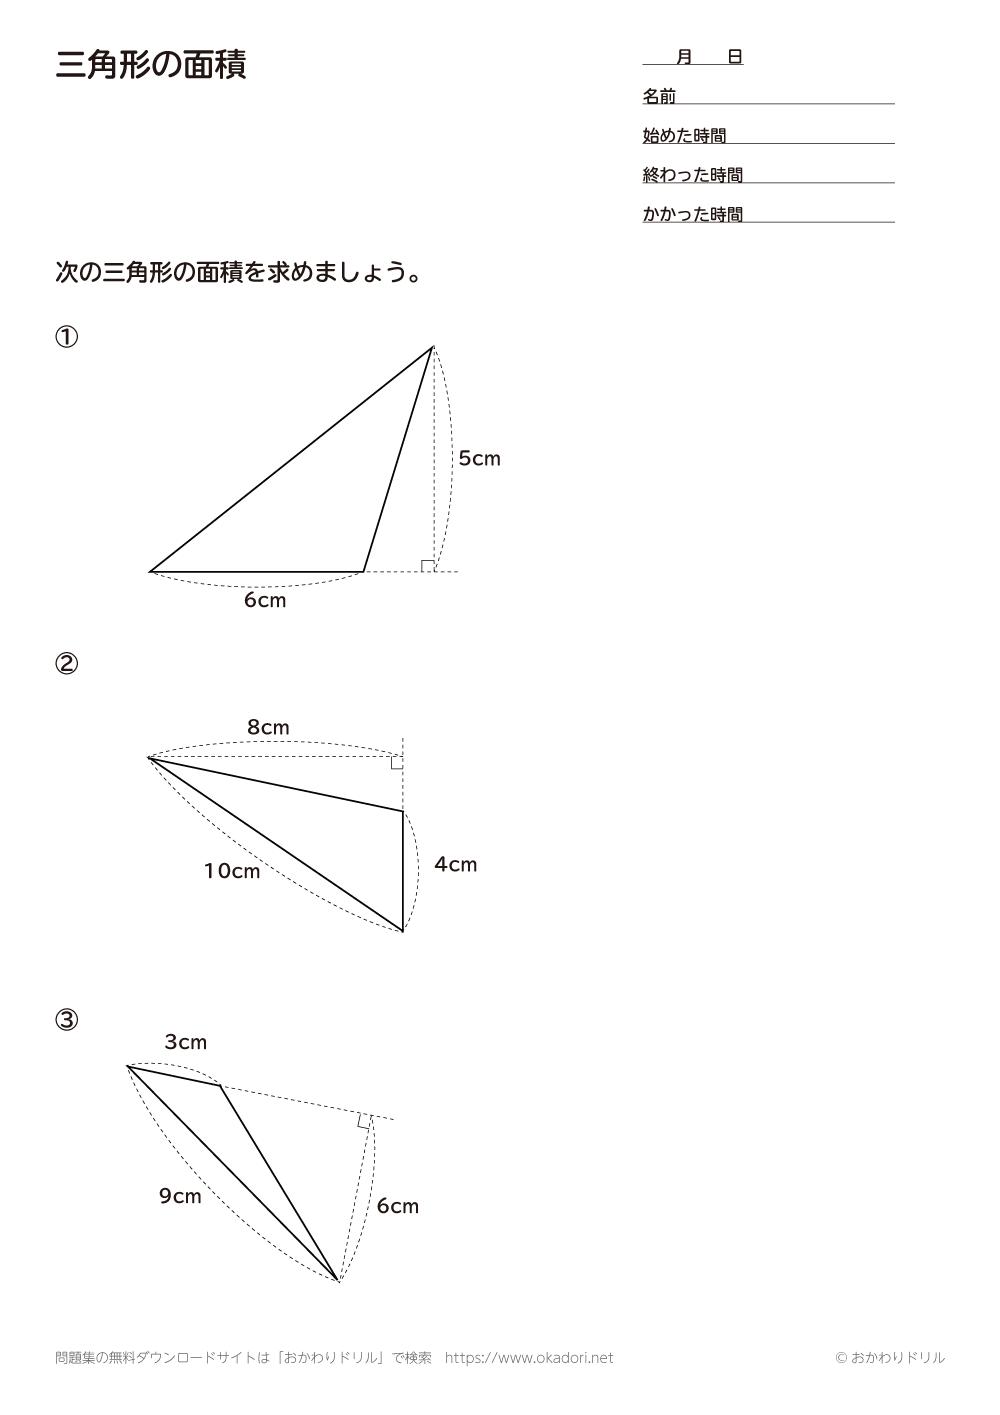 三角形の面積4